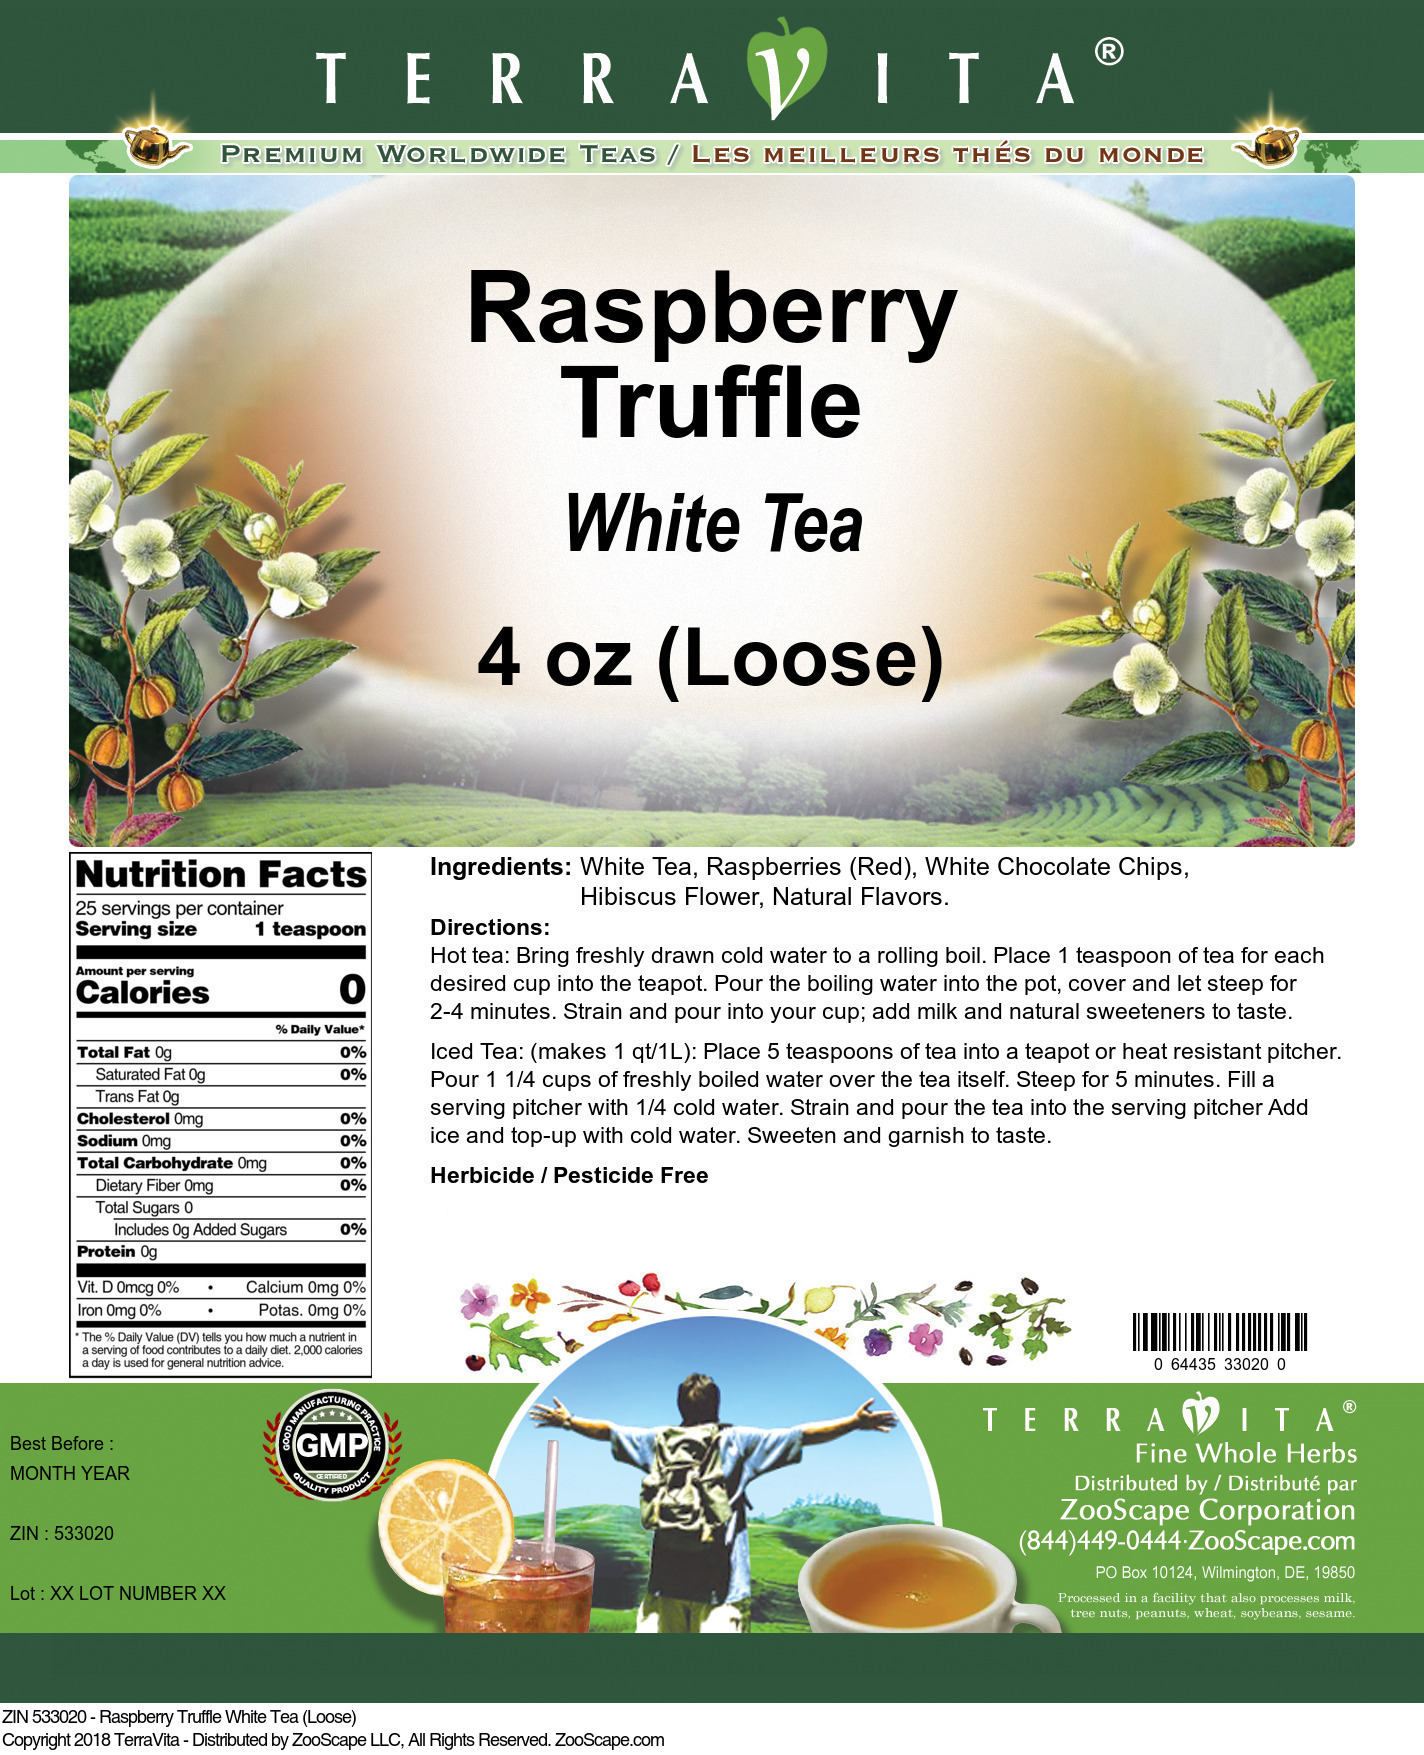 Raspberry Truffle White Tea (Loose)